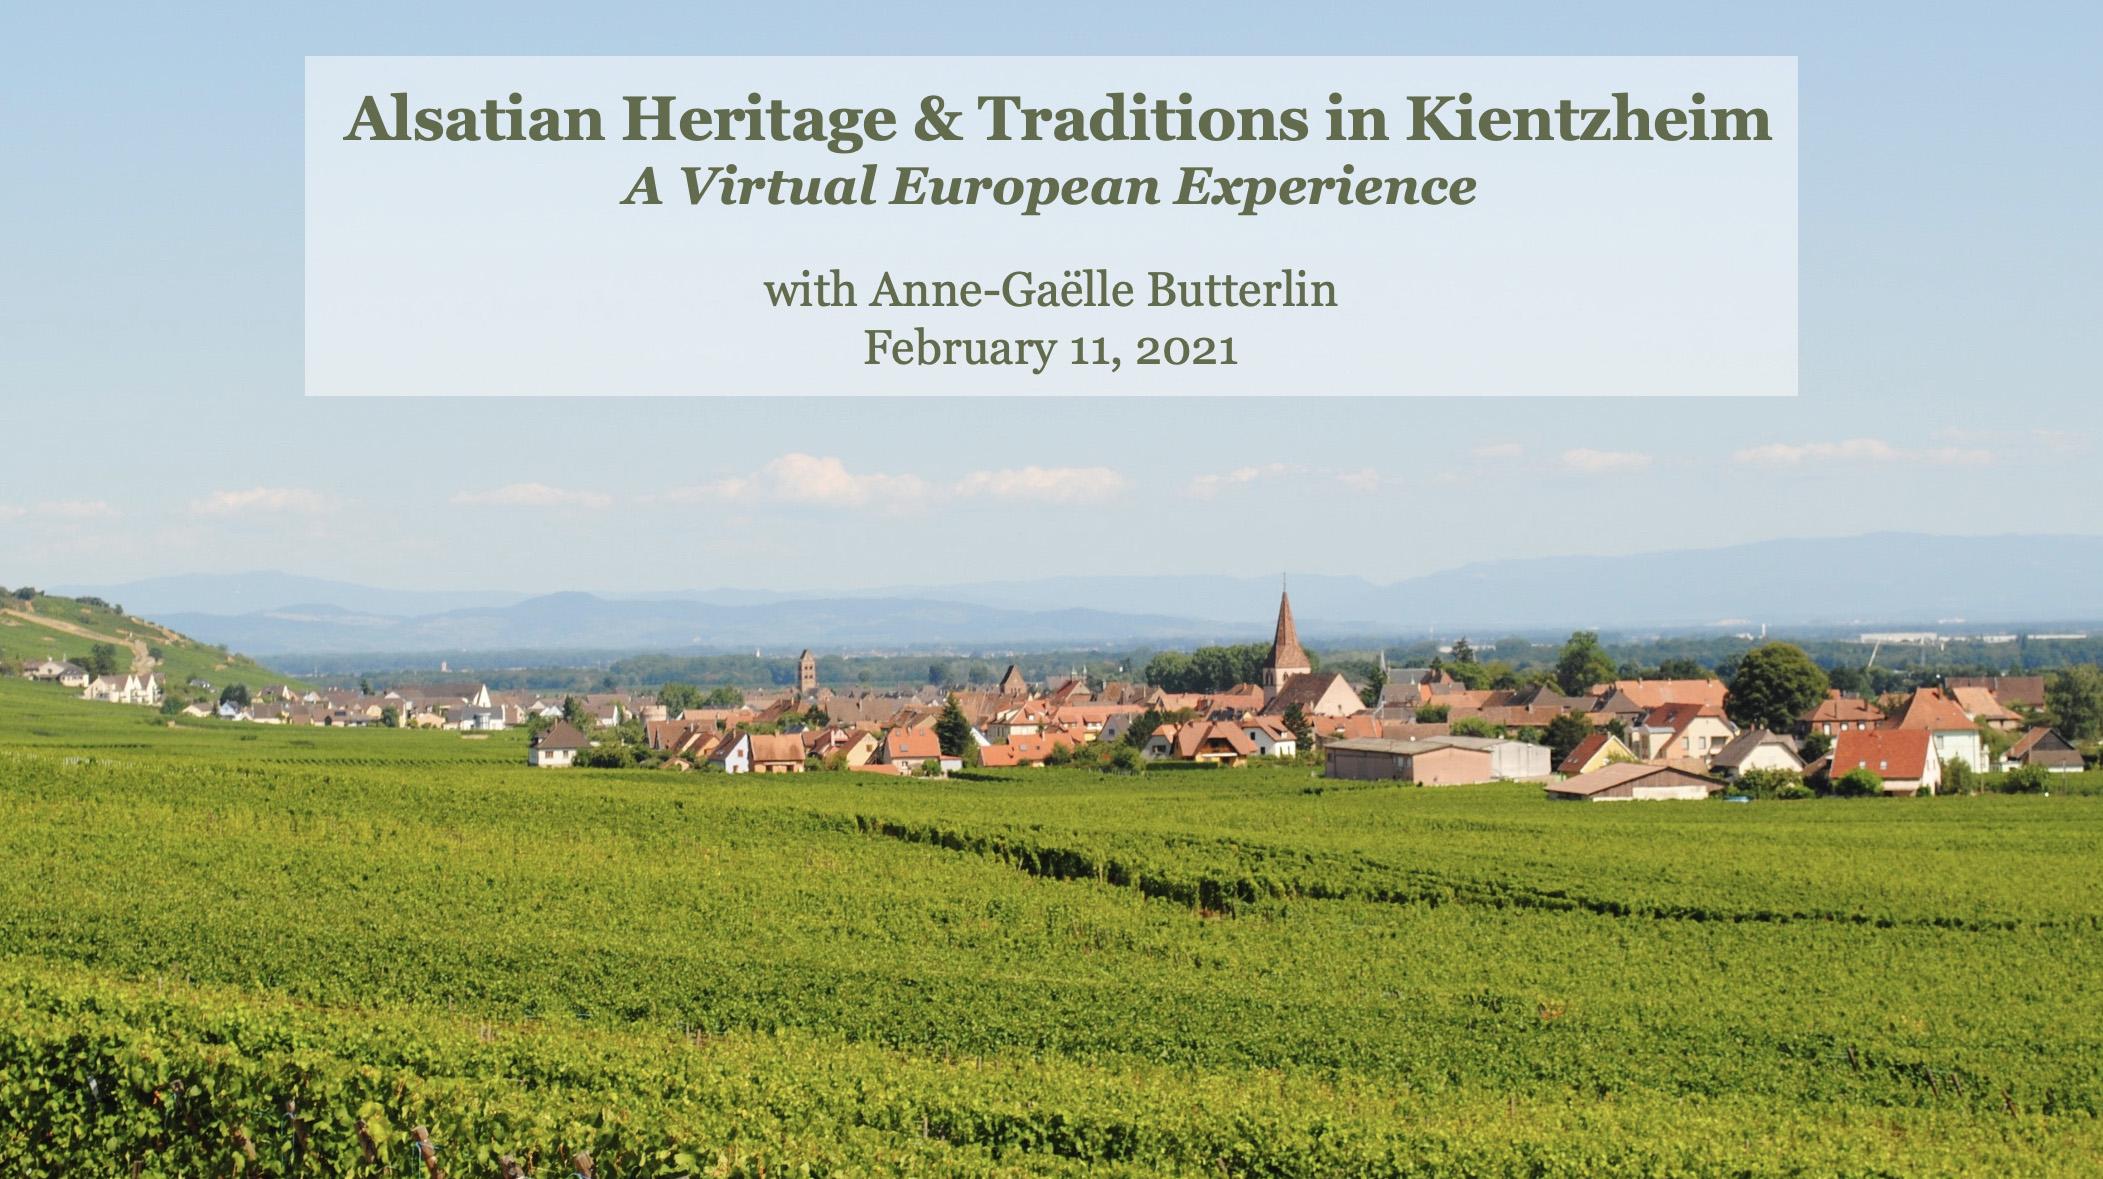 Alsatian Heritage and Traditions in Kientzheim